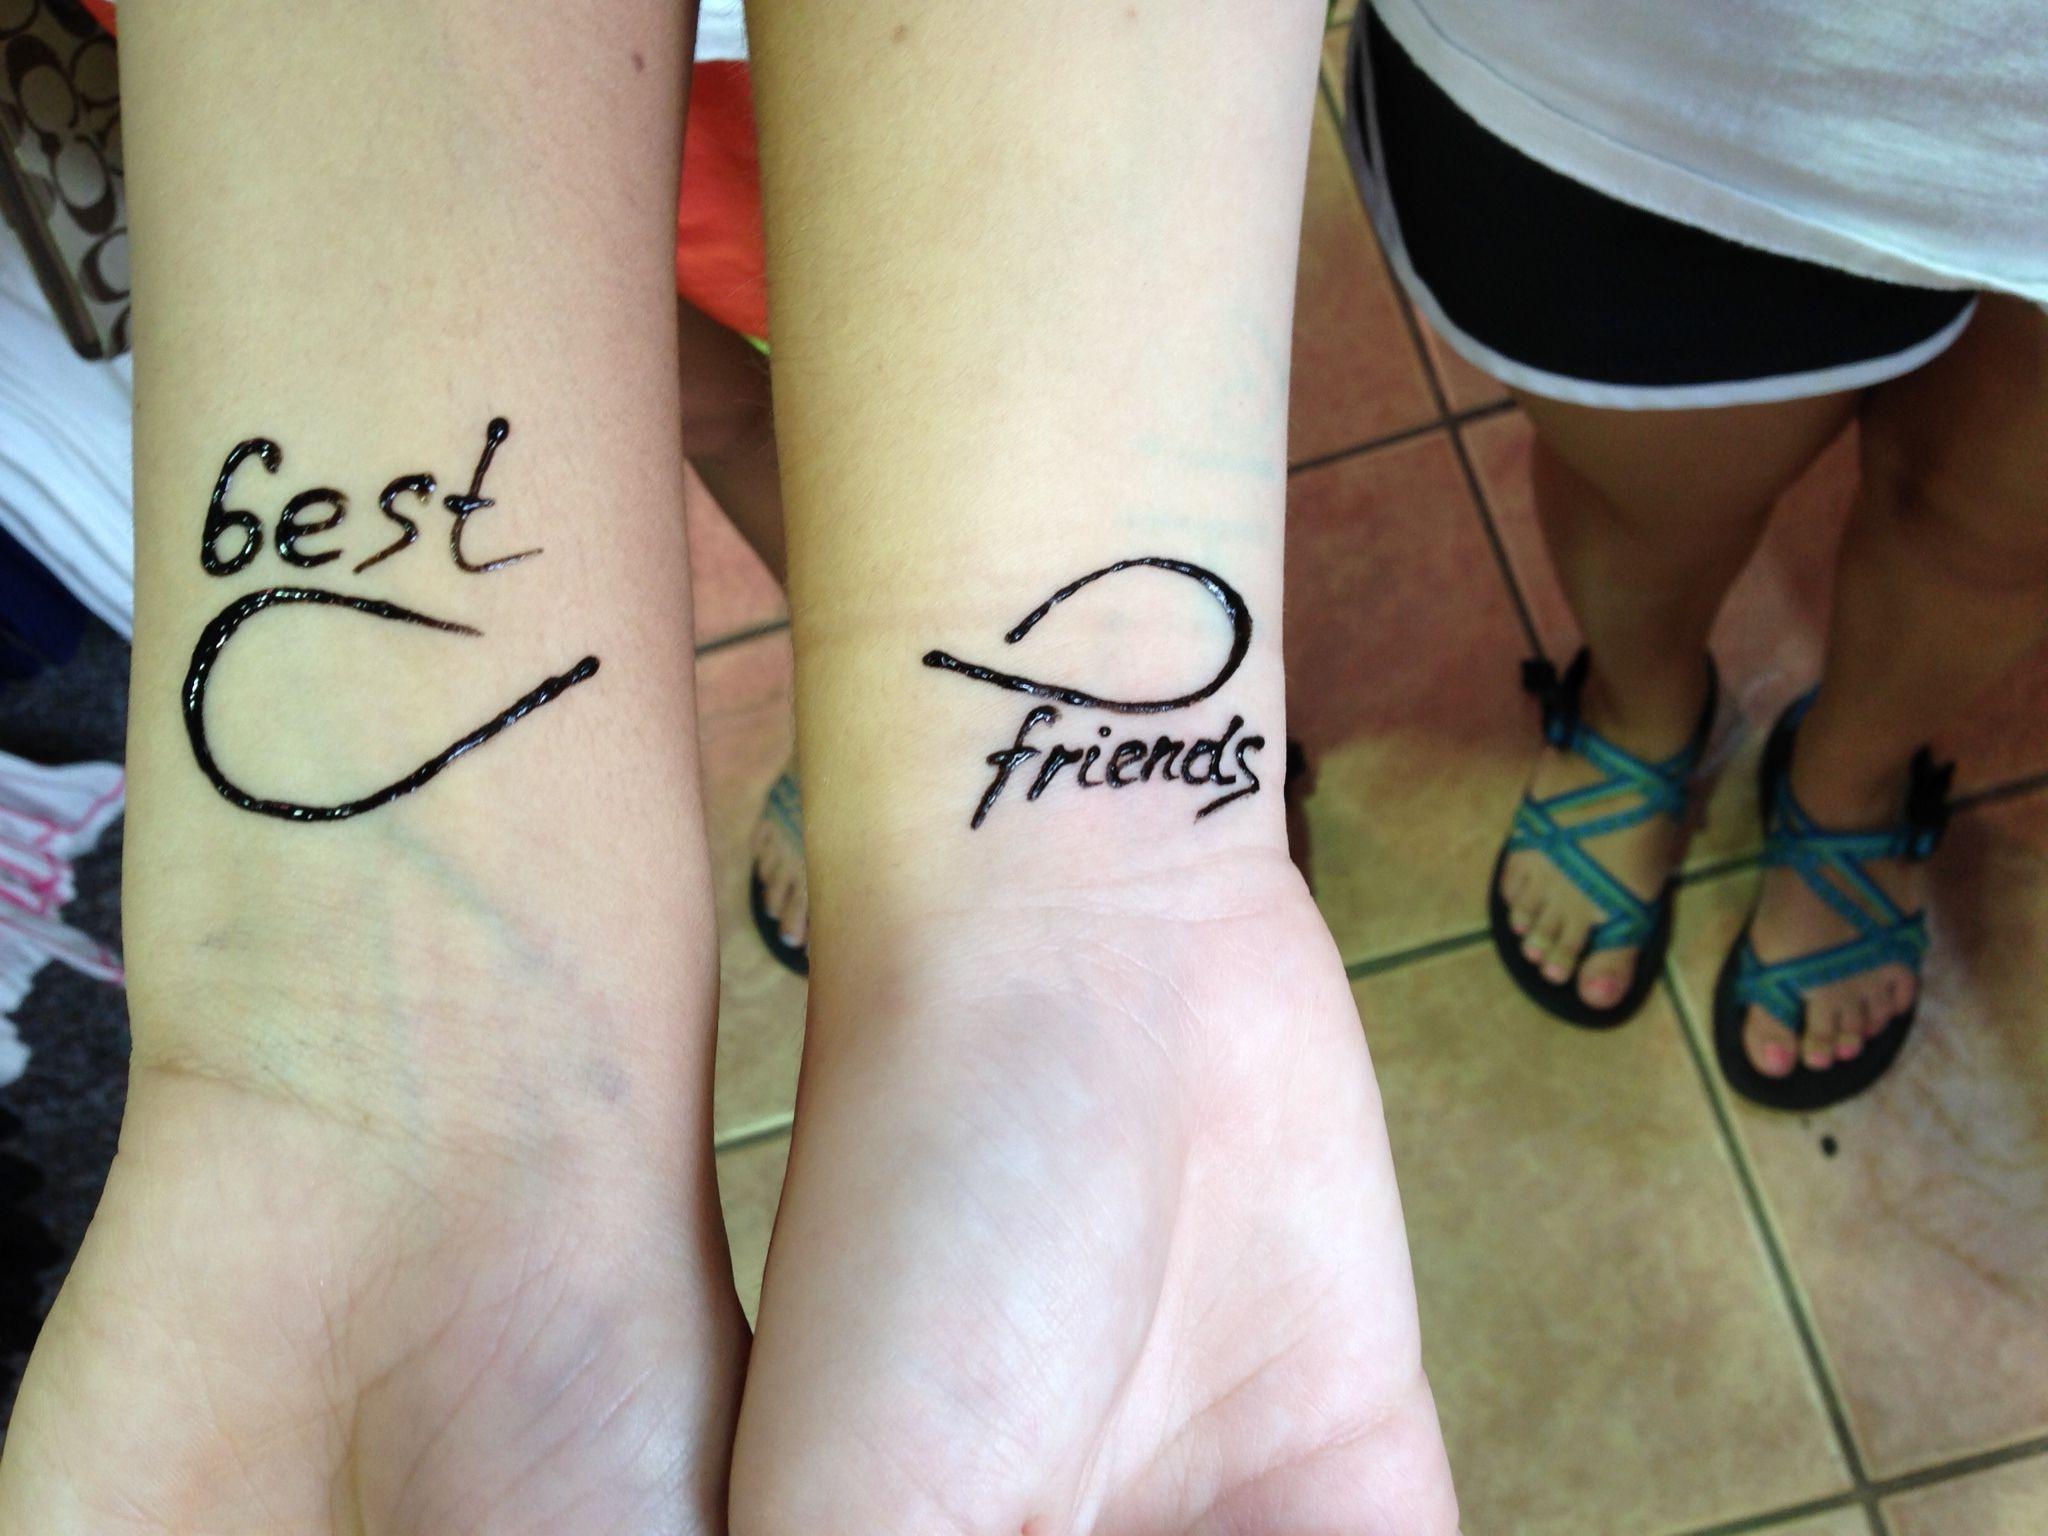 Best Henna Tattoo: Henna Tattoos With Your Best Friend